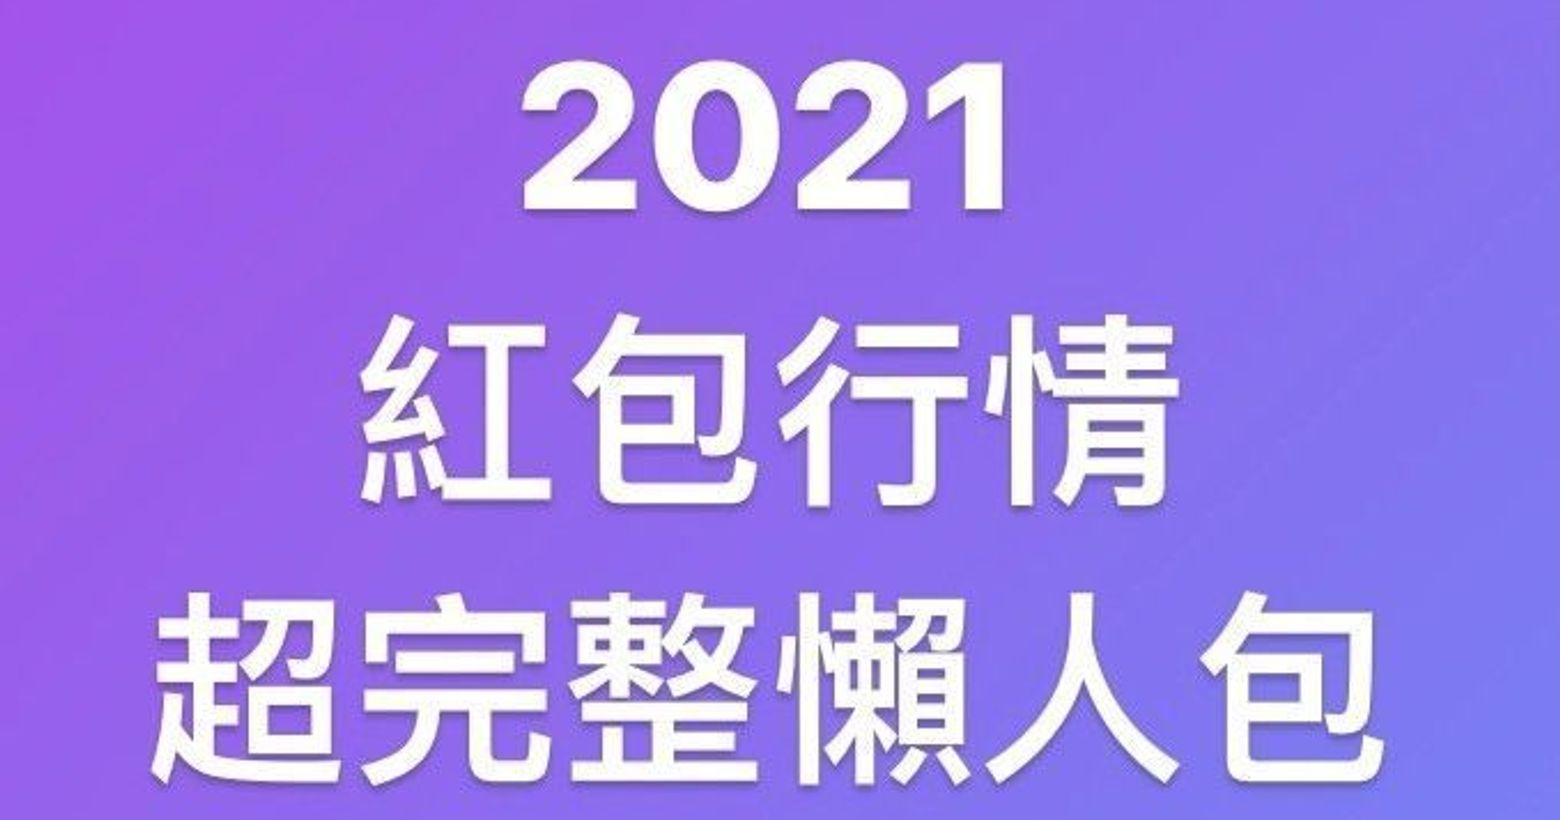 2021結婚紅包行情|禮金數字&回禮金額&結婚賀詞>>>>>>&